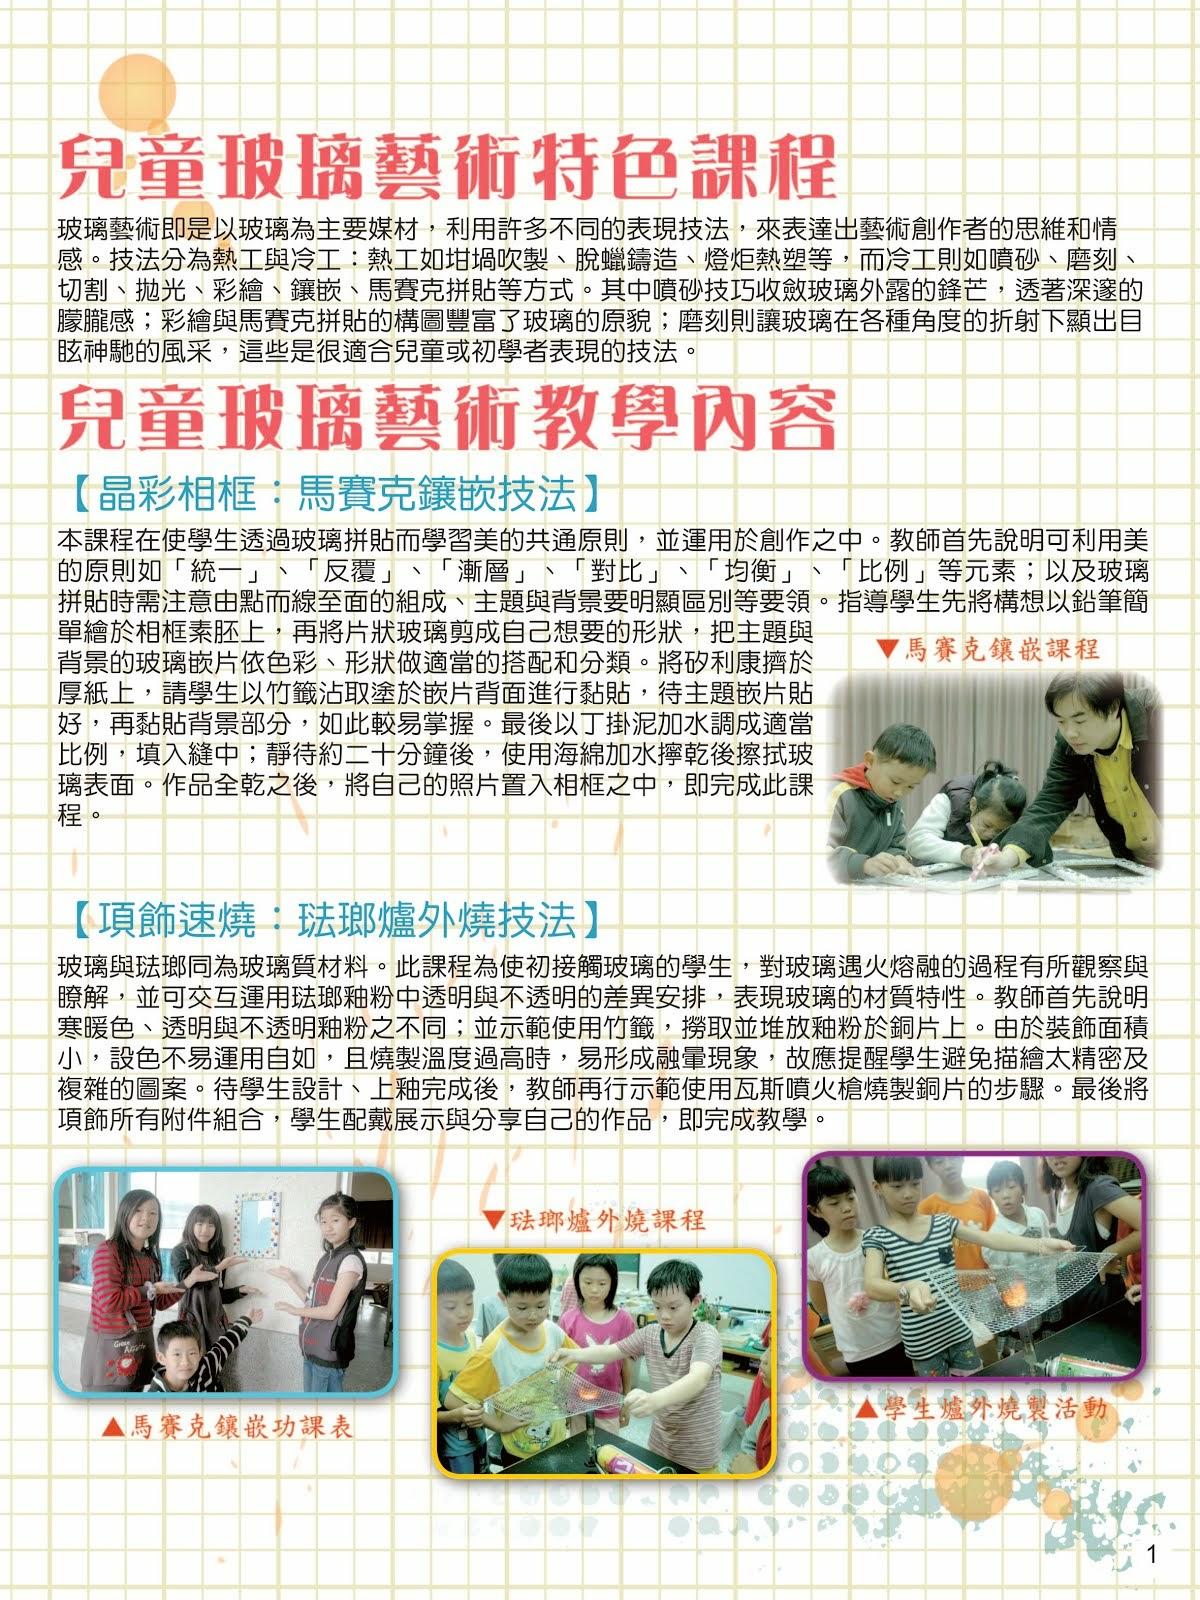 高峰國小玻璃文創特色課程簡介